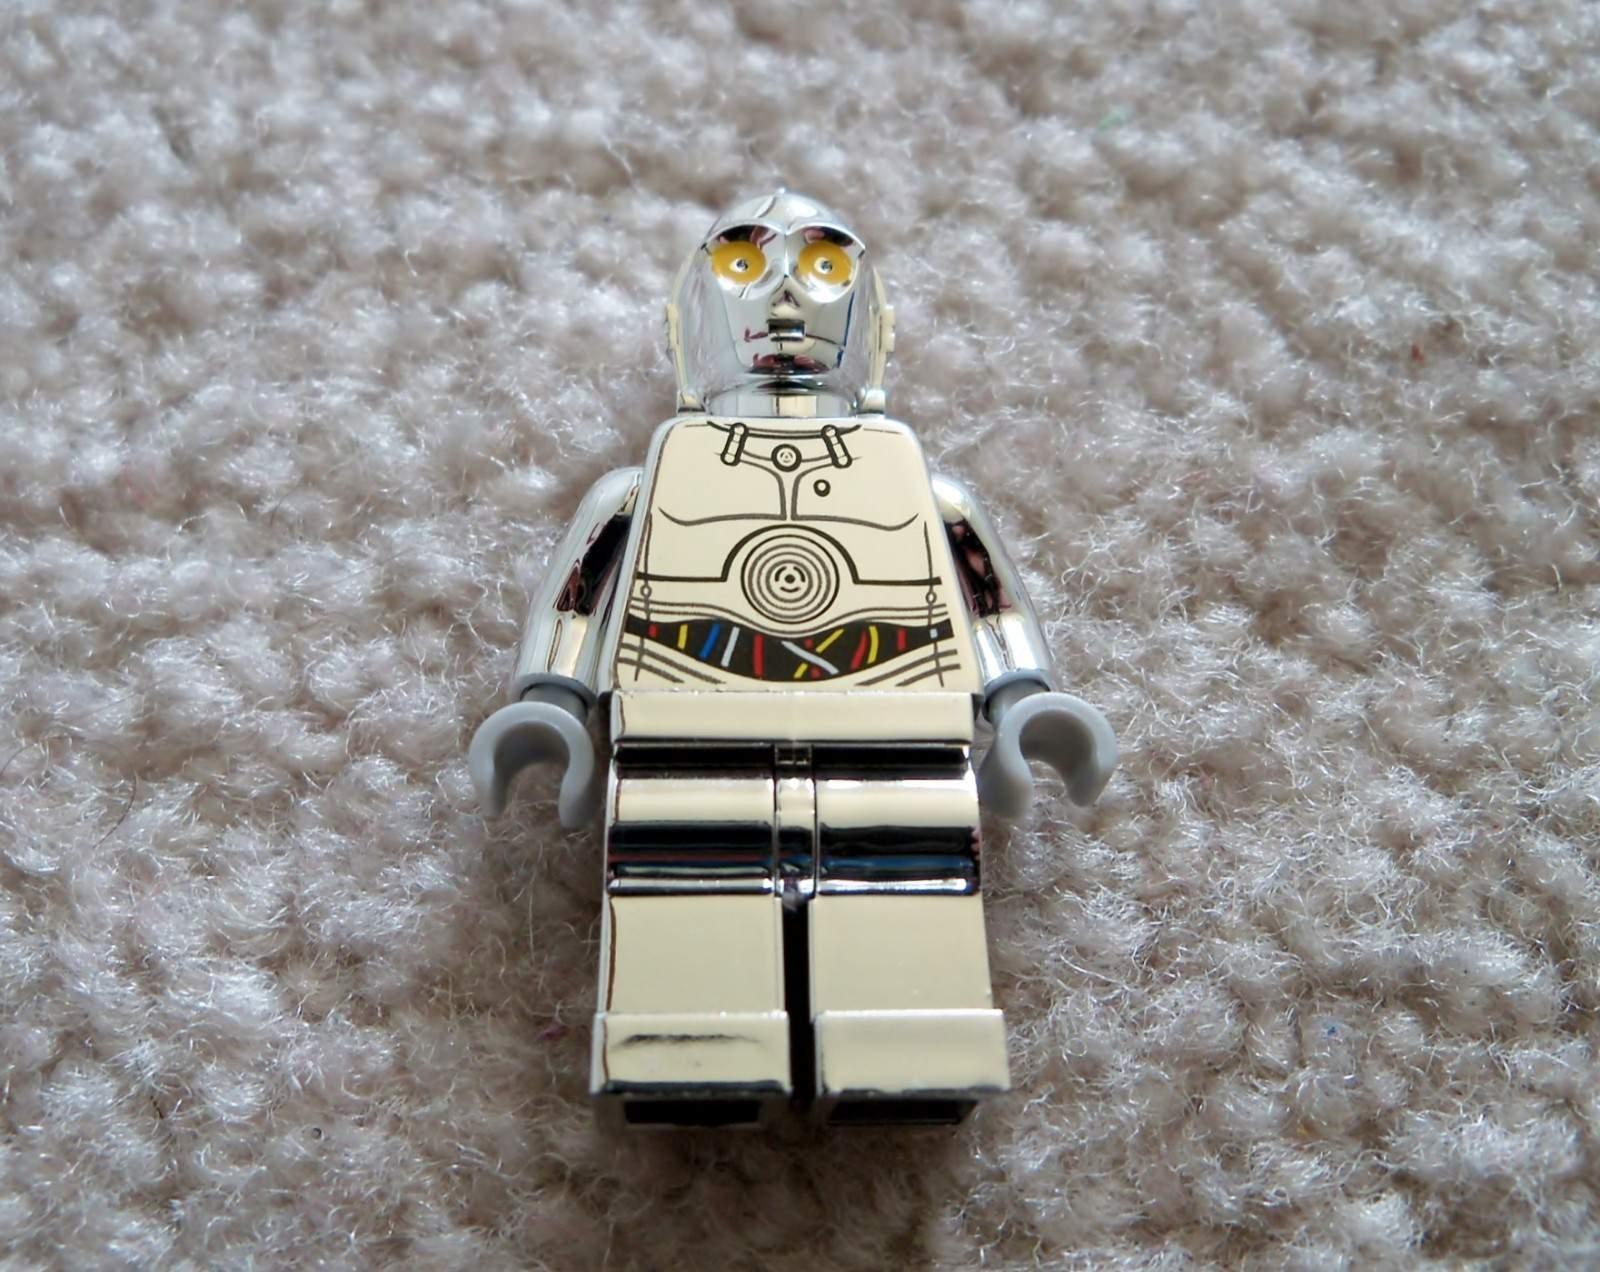 LEGO Star Wars - Super Rare - TC-14 Predocol Droid 5000063 - Excellent